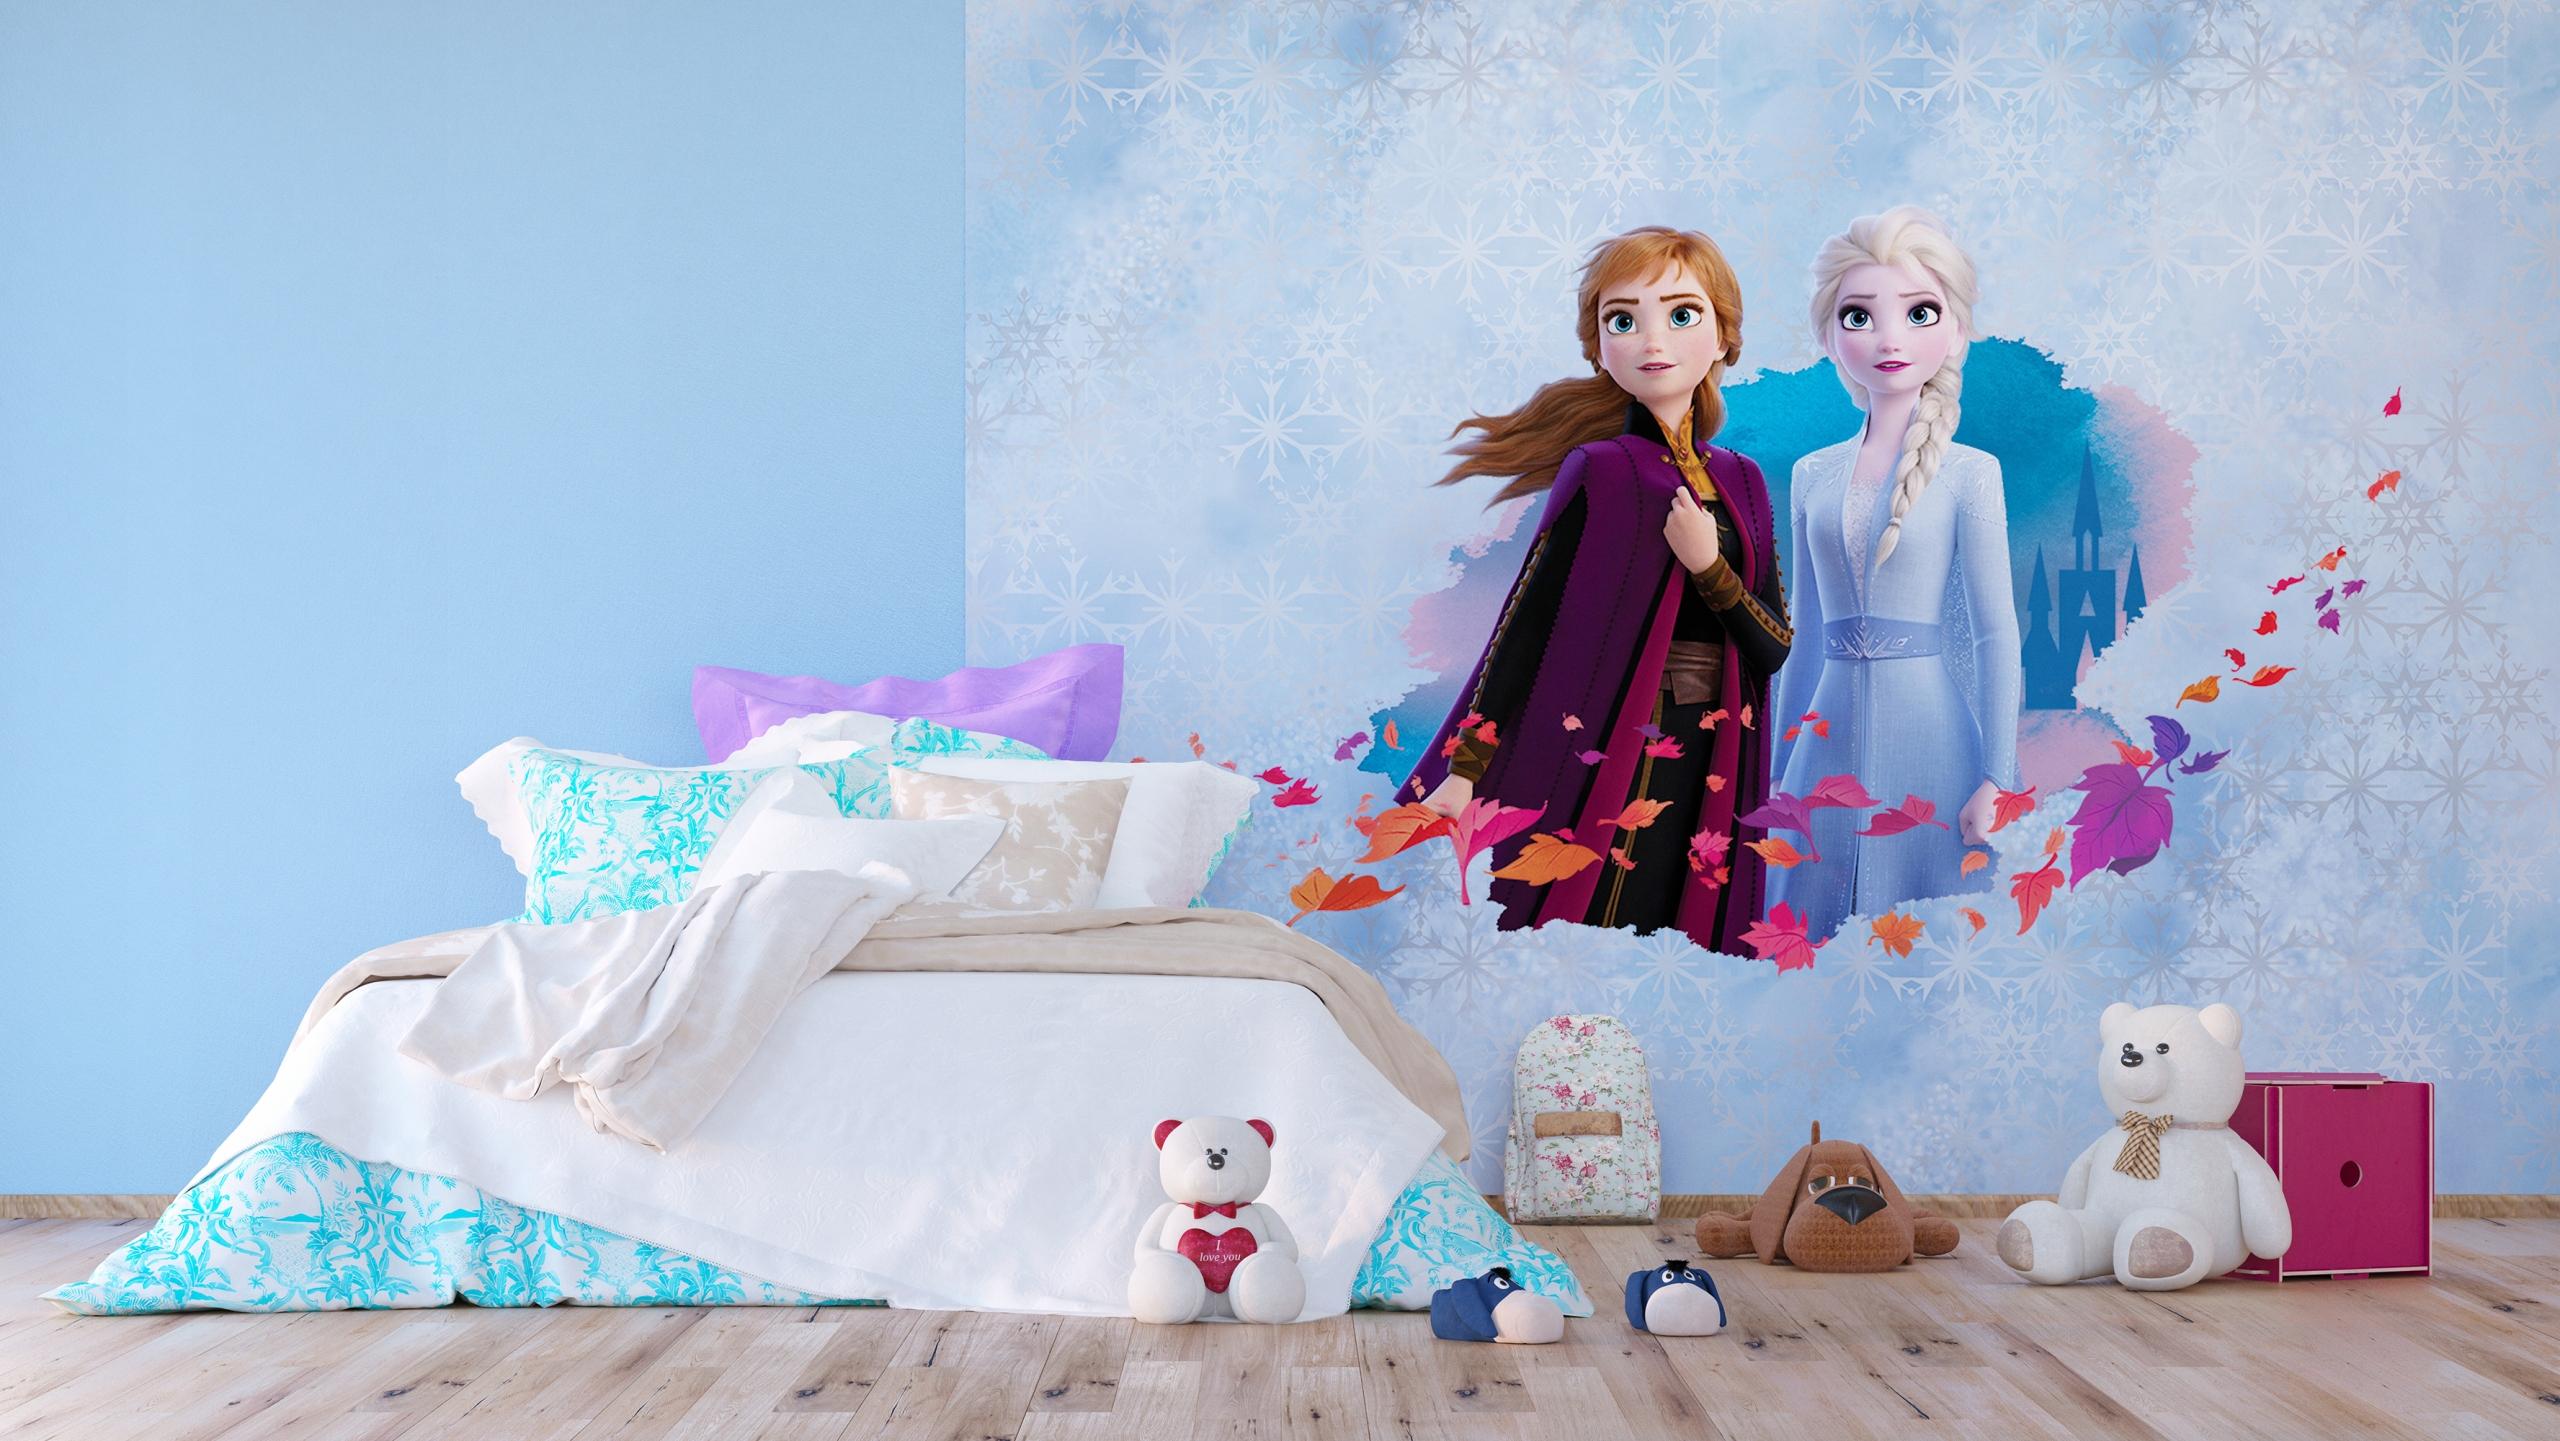 Disney Frozen Custom Full Wall Mural for Girls Bedrooms